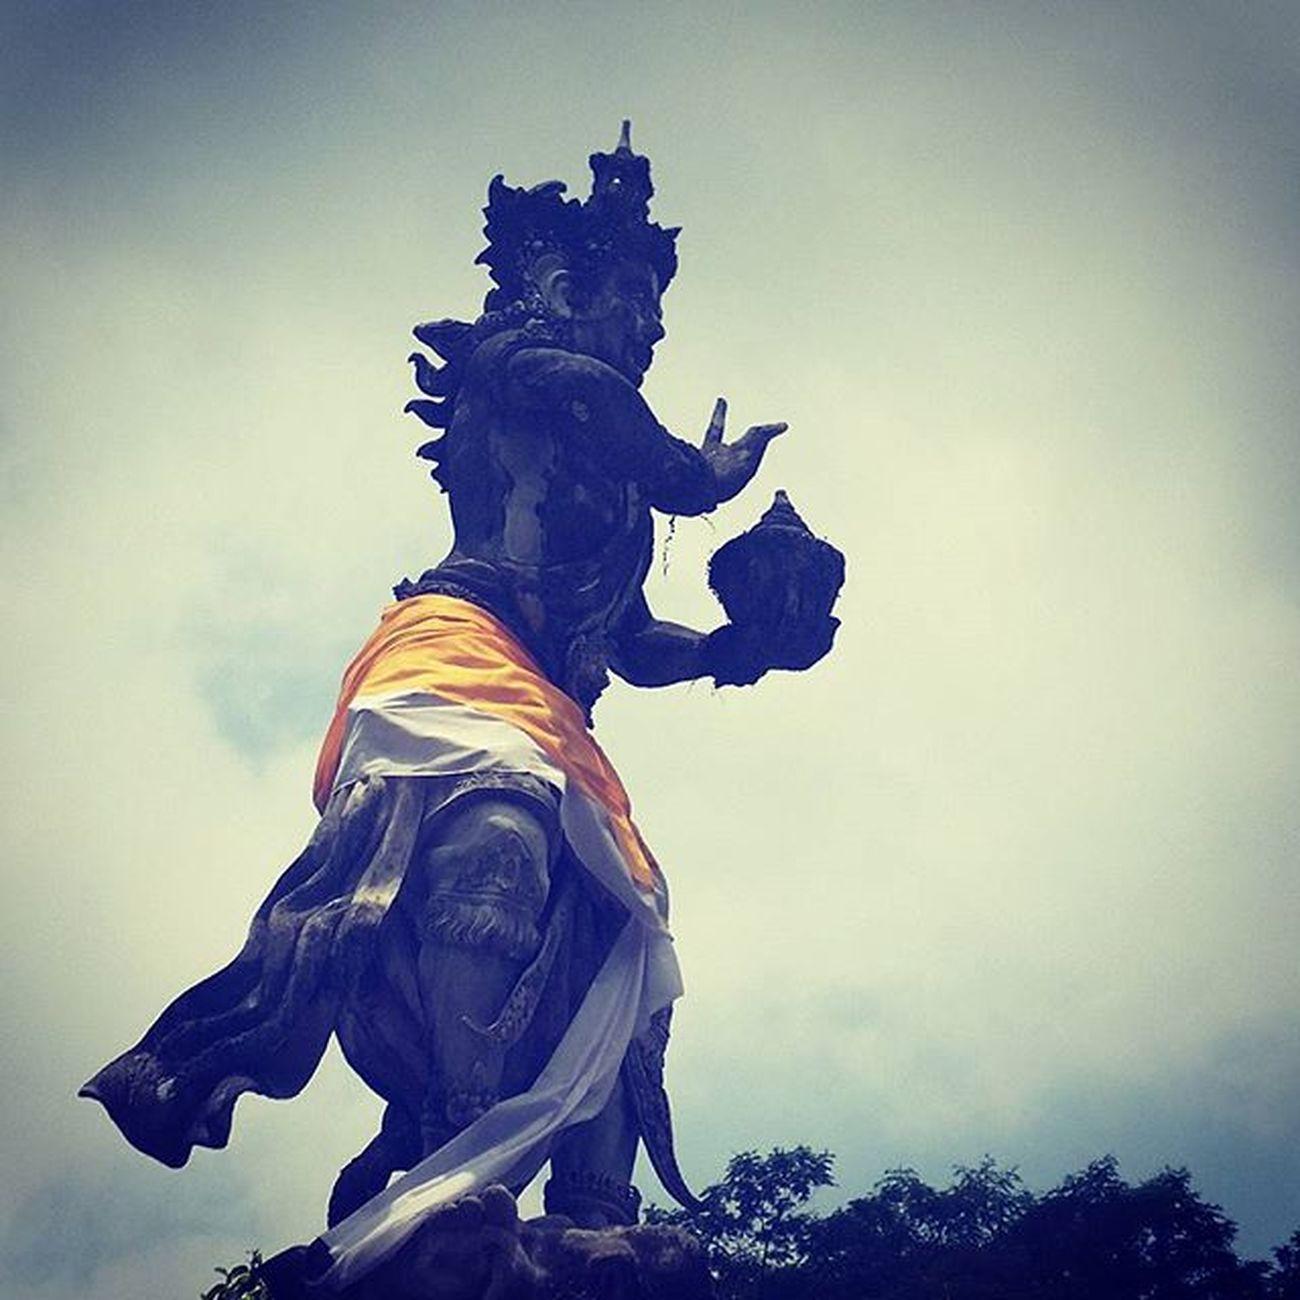 Bali Ubudbali Ubud Ig_bali Ig_bali Inspiration INDONESIA Ig_indonesia_ Ig_artistry Ig_ubudbali Ig_ubud Ig_spiration Spirituality